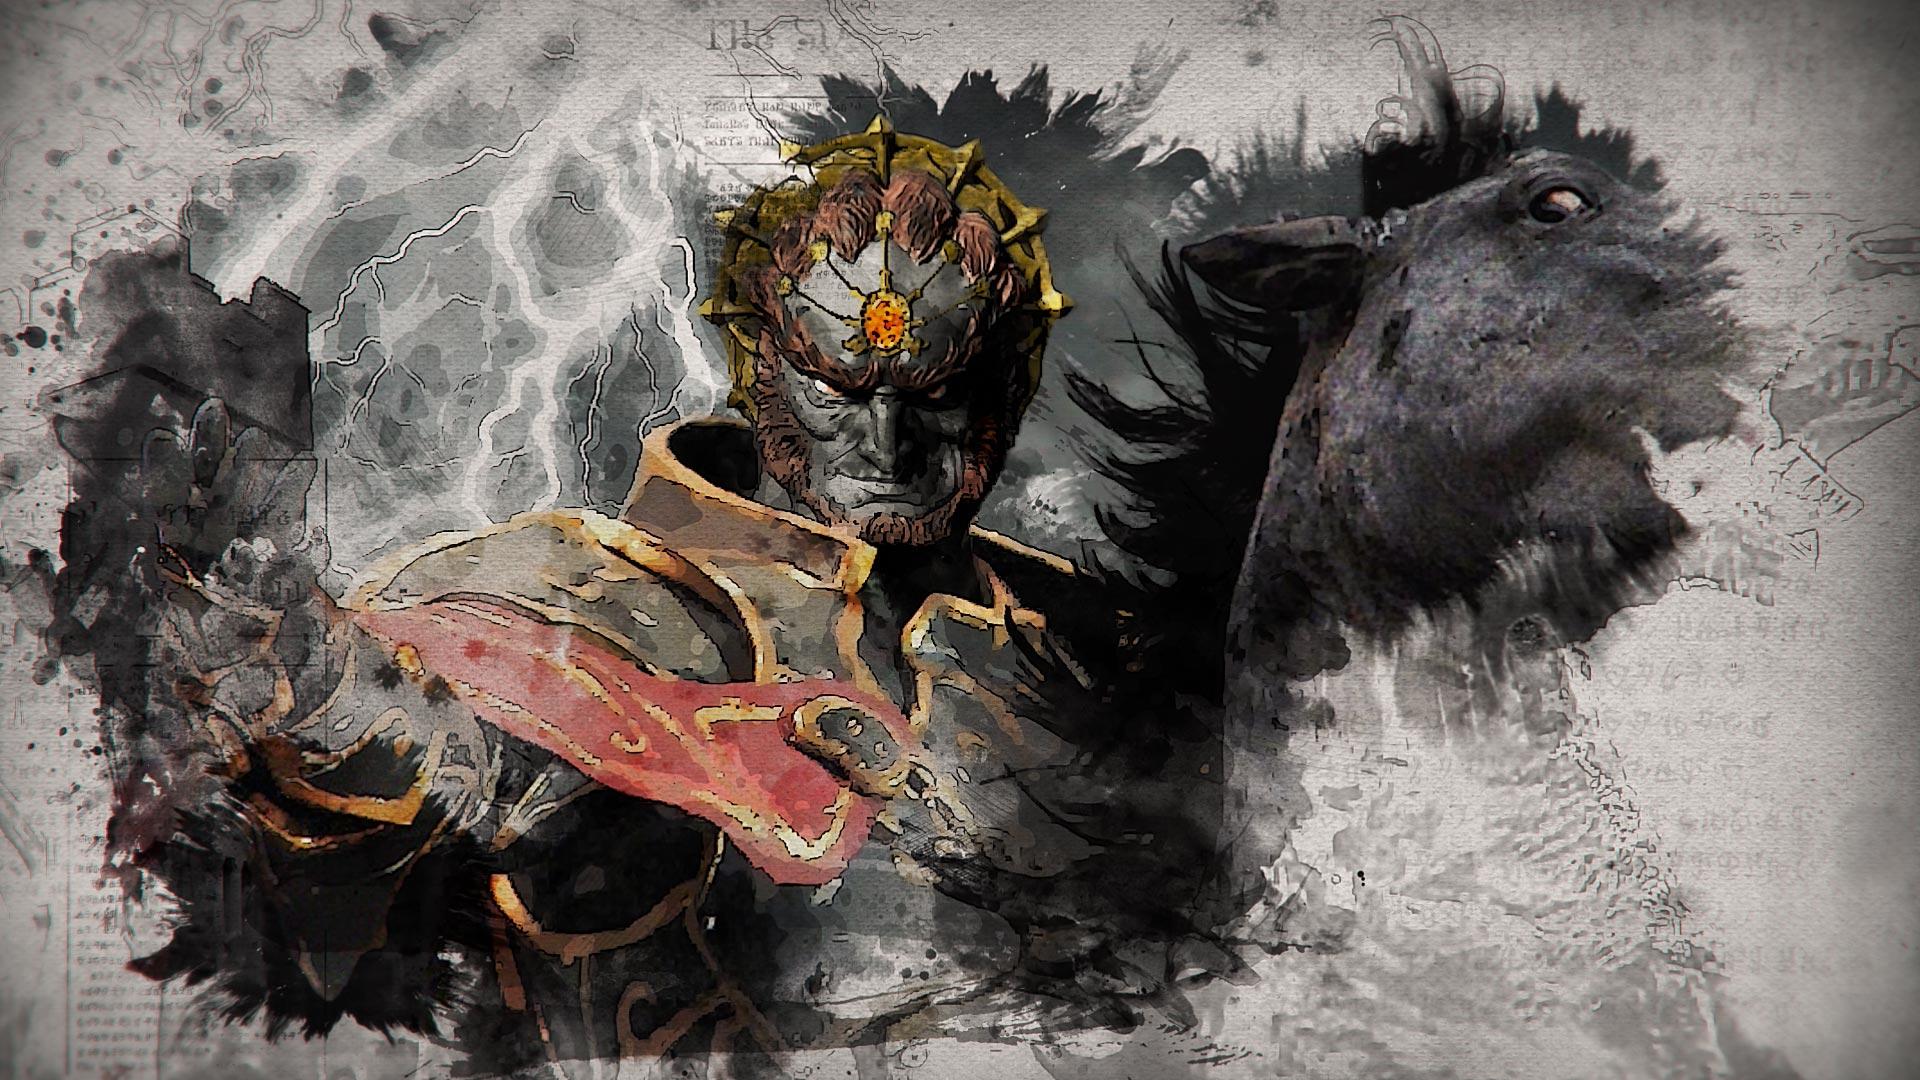 Epic Link Cosplay: Ganondorf Revealed | The Legend of Zelda Cosplay Project | Ingenius Designs